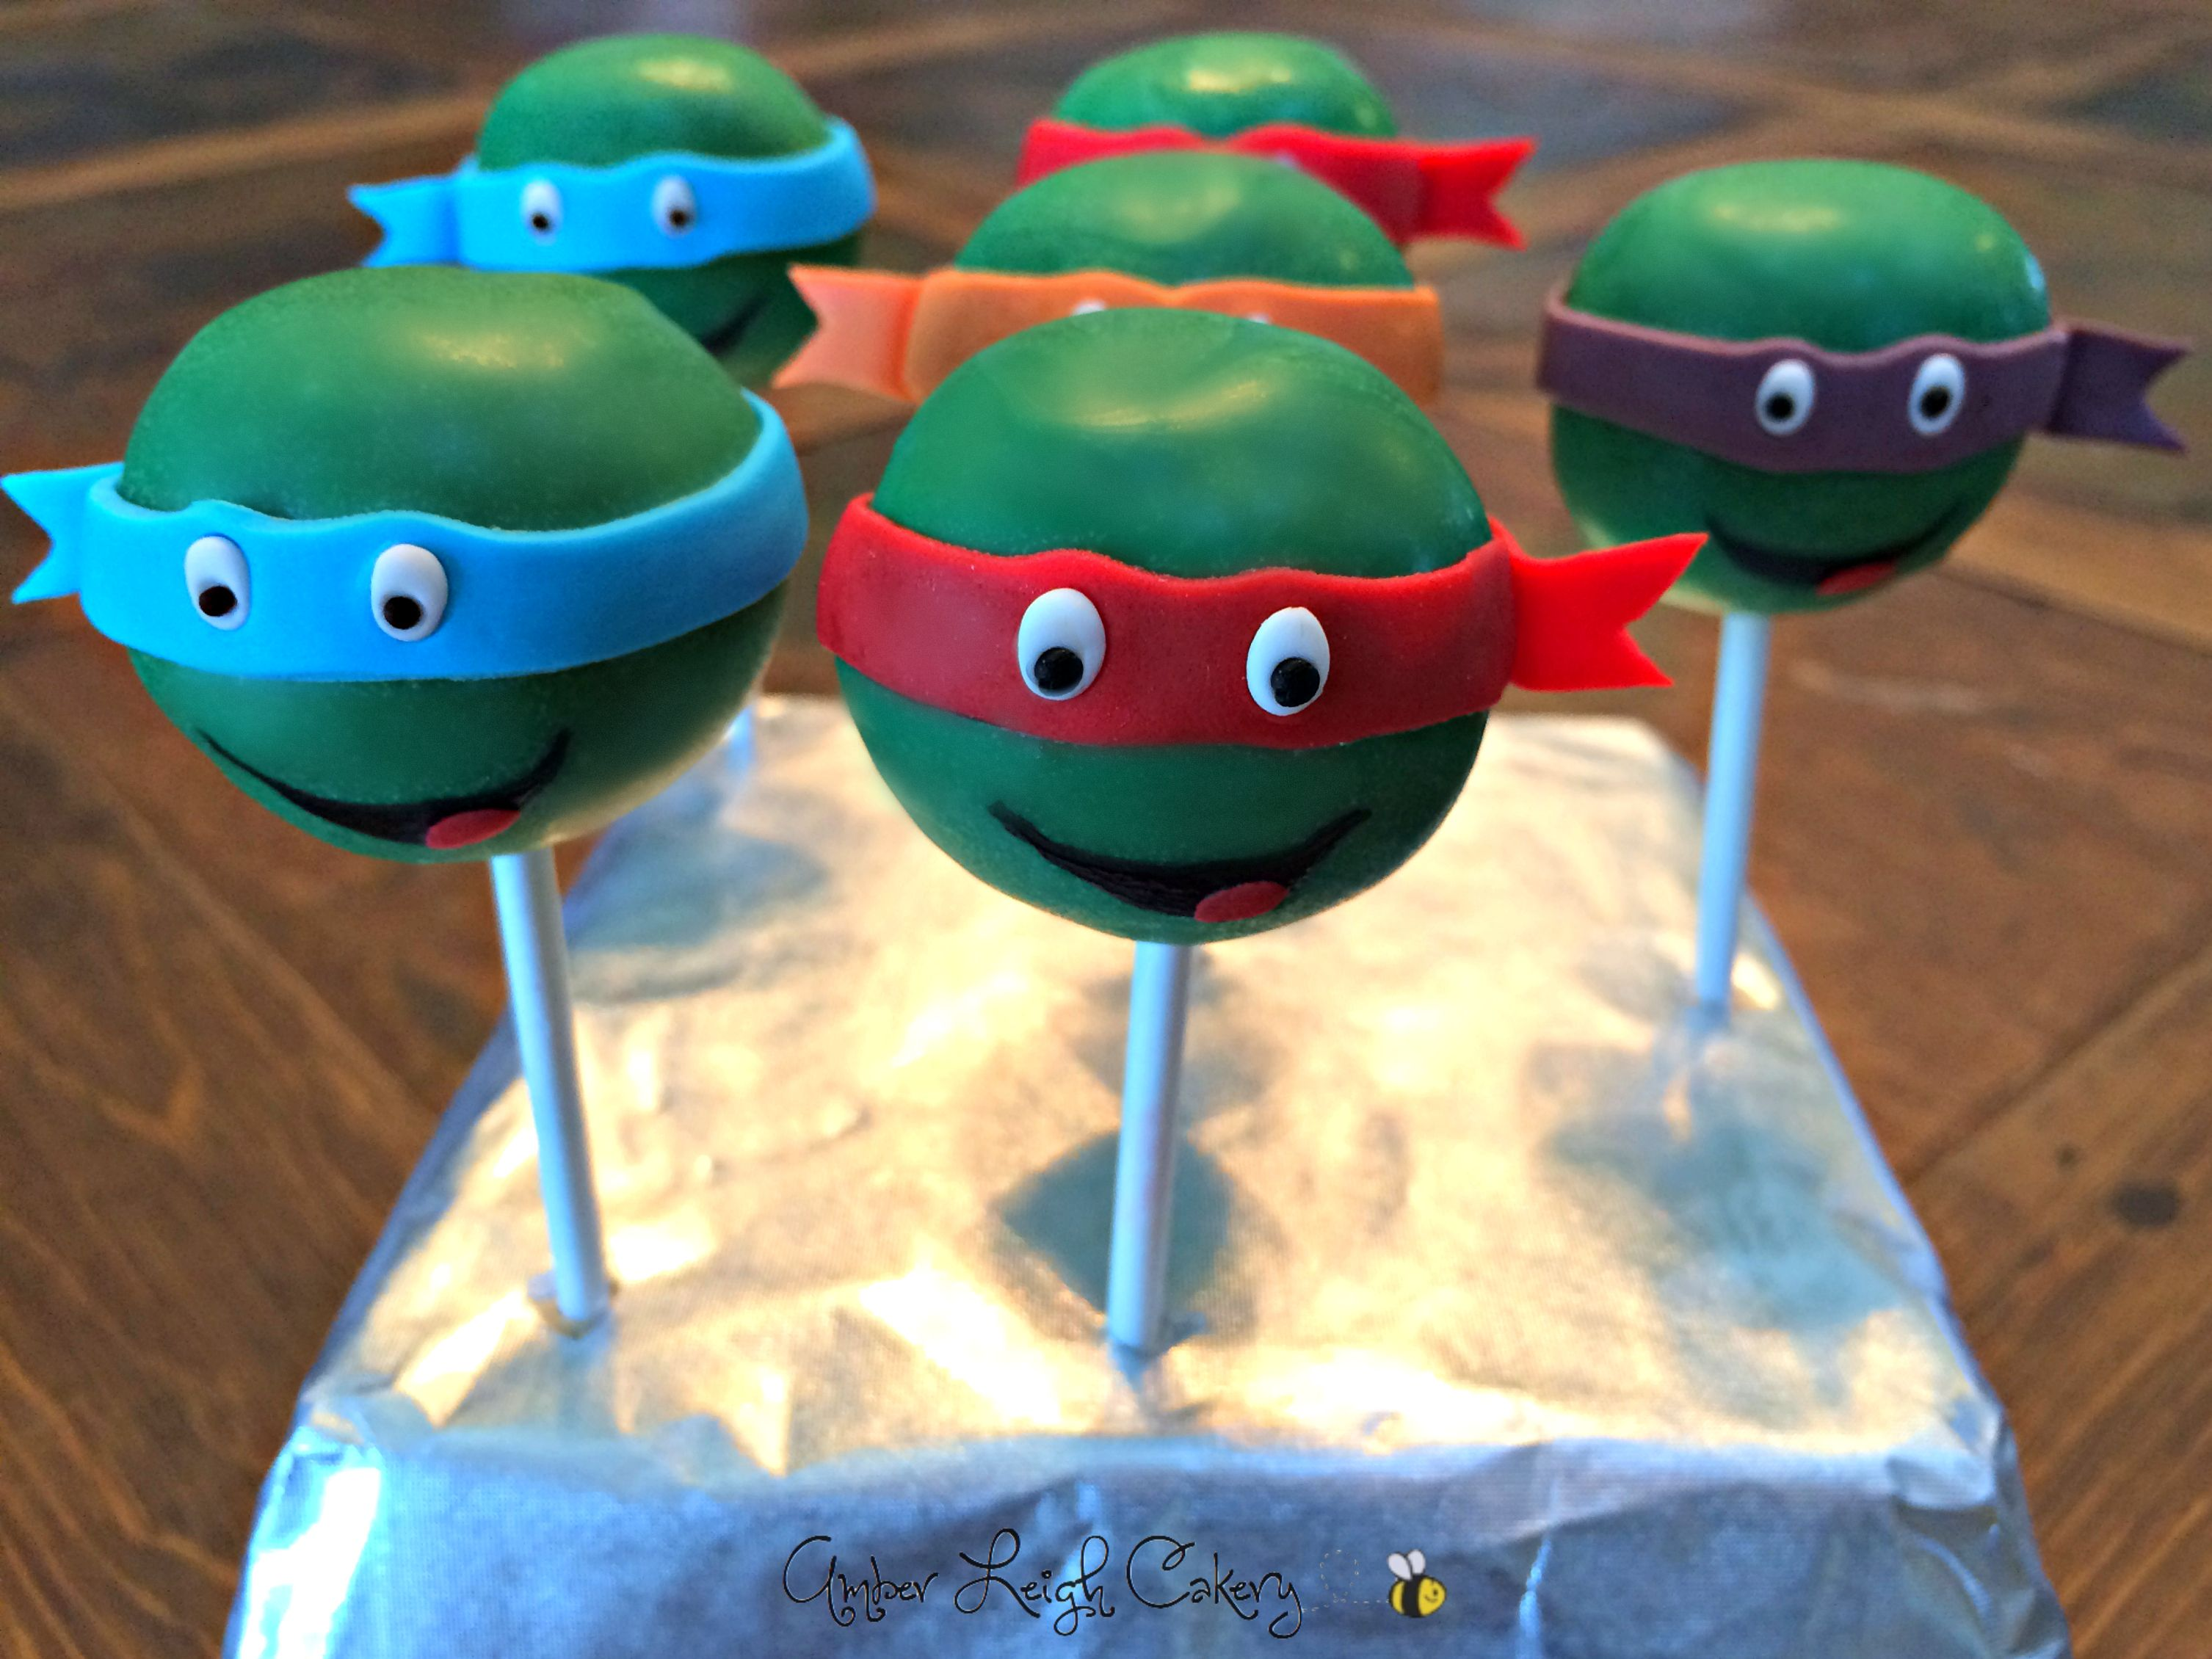 Teenage Mutant Ninja Turtle Cake Pops Ninja Turtle Cake Pops Ninja Turtle Cake Turtle Cake